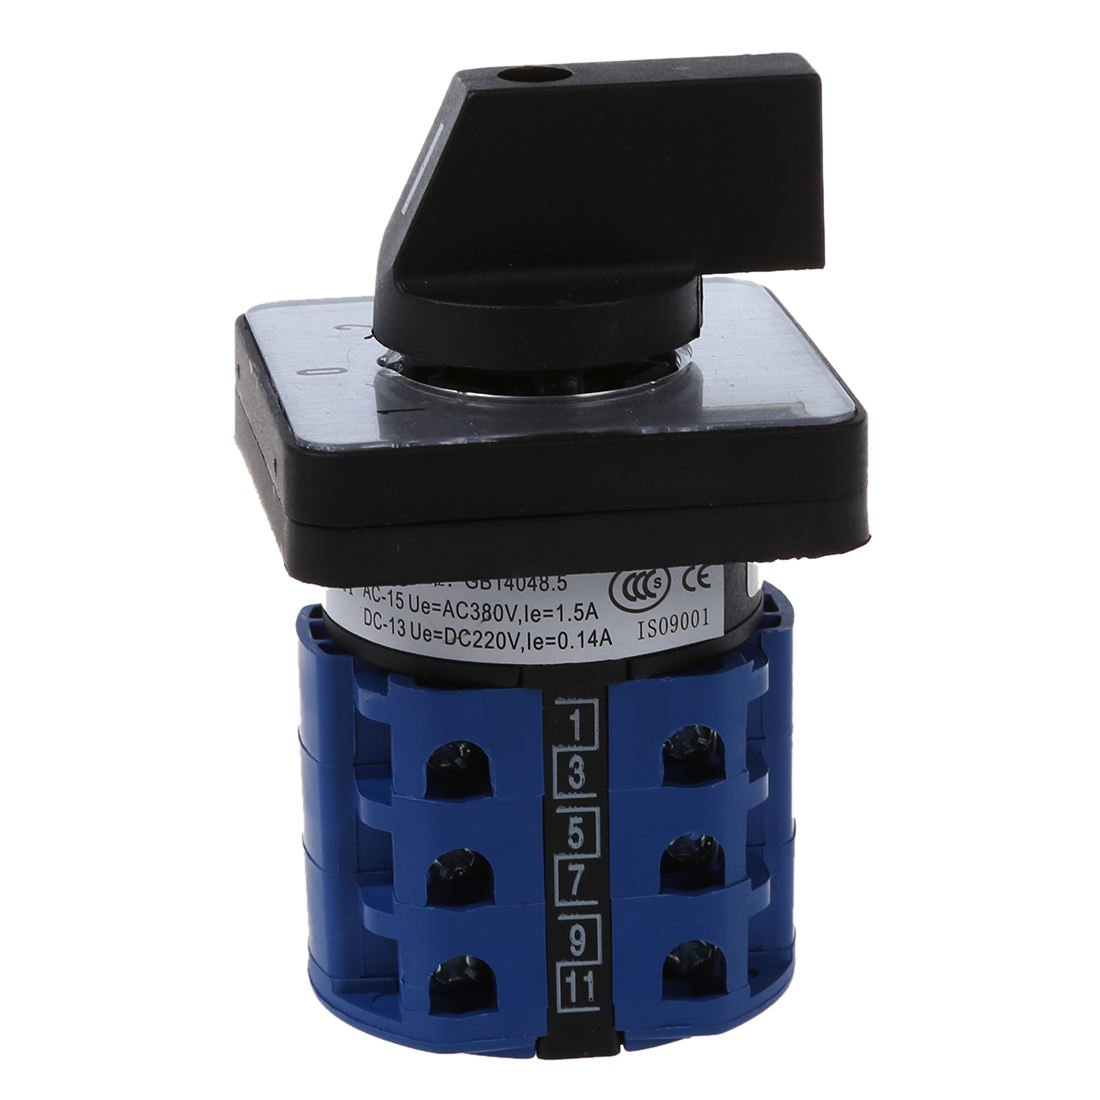 SODIAL(R) Interruptor de leva giratoria de control de cambio encendido - apagado - encendido 3 posiciones 20A